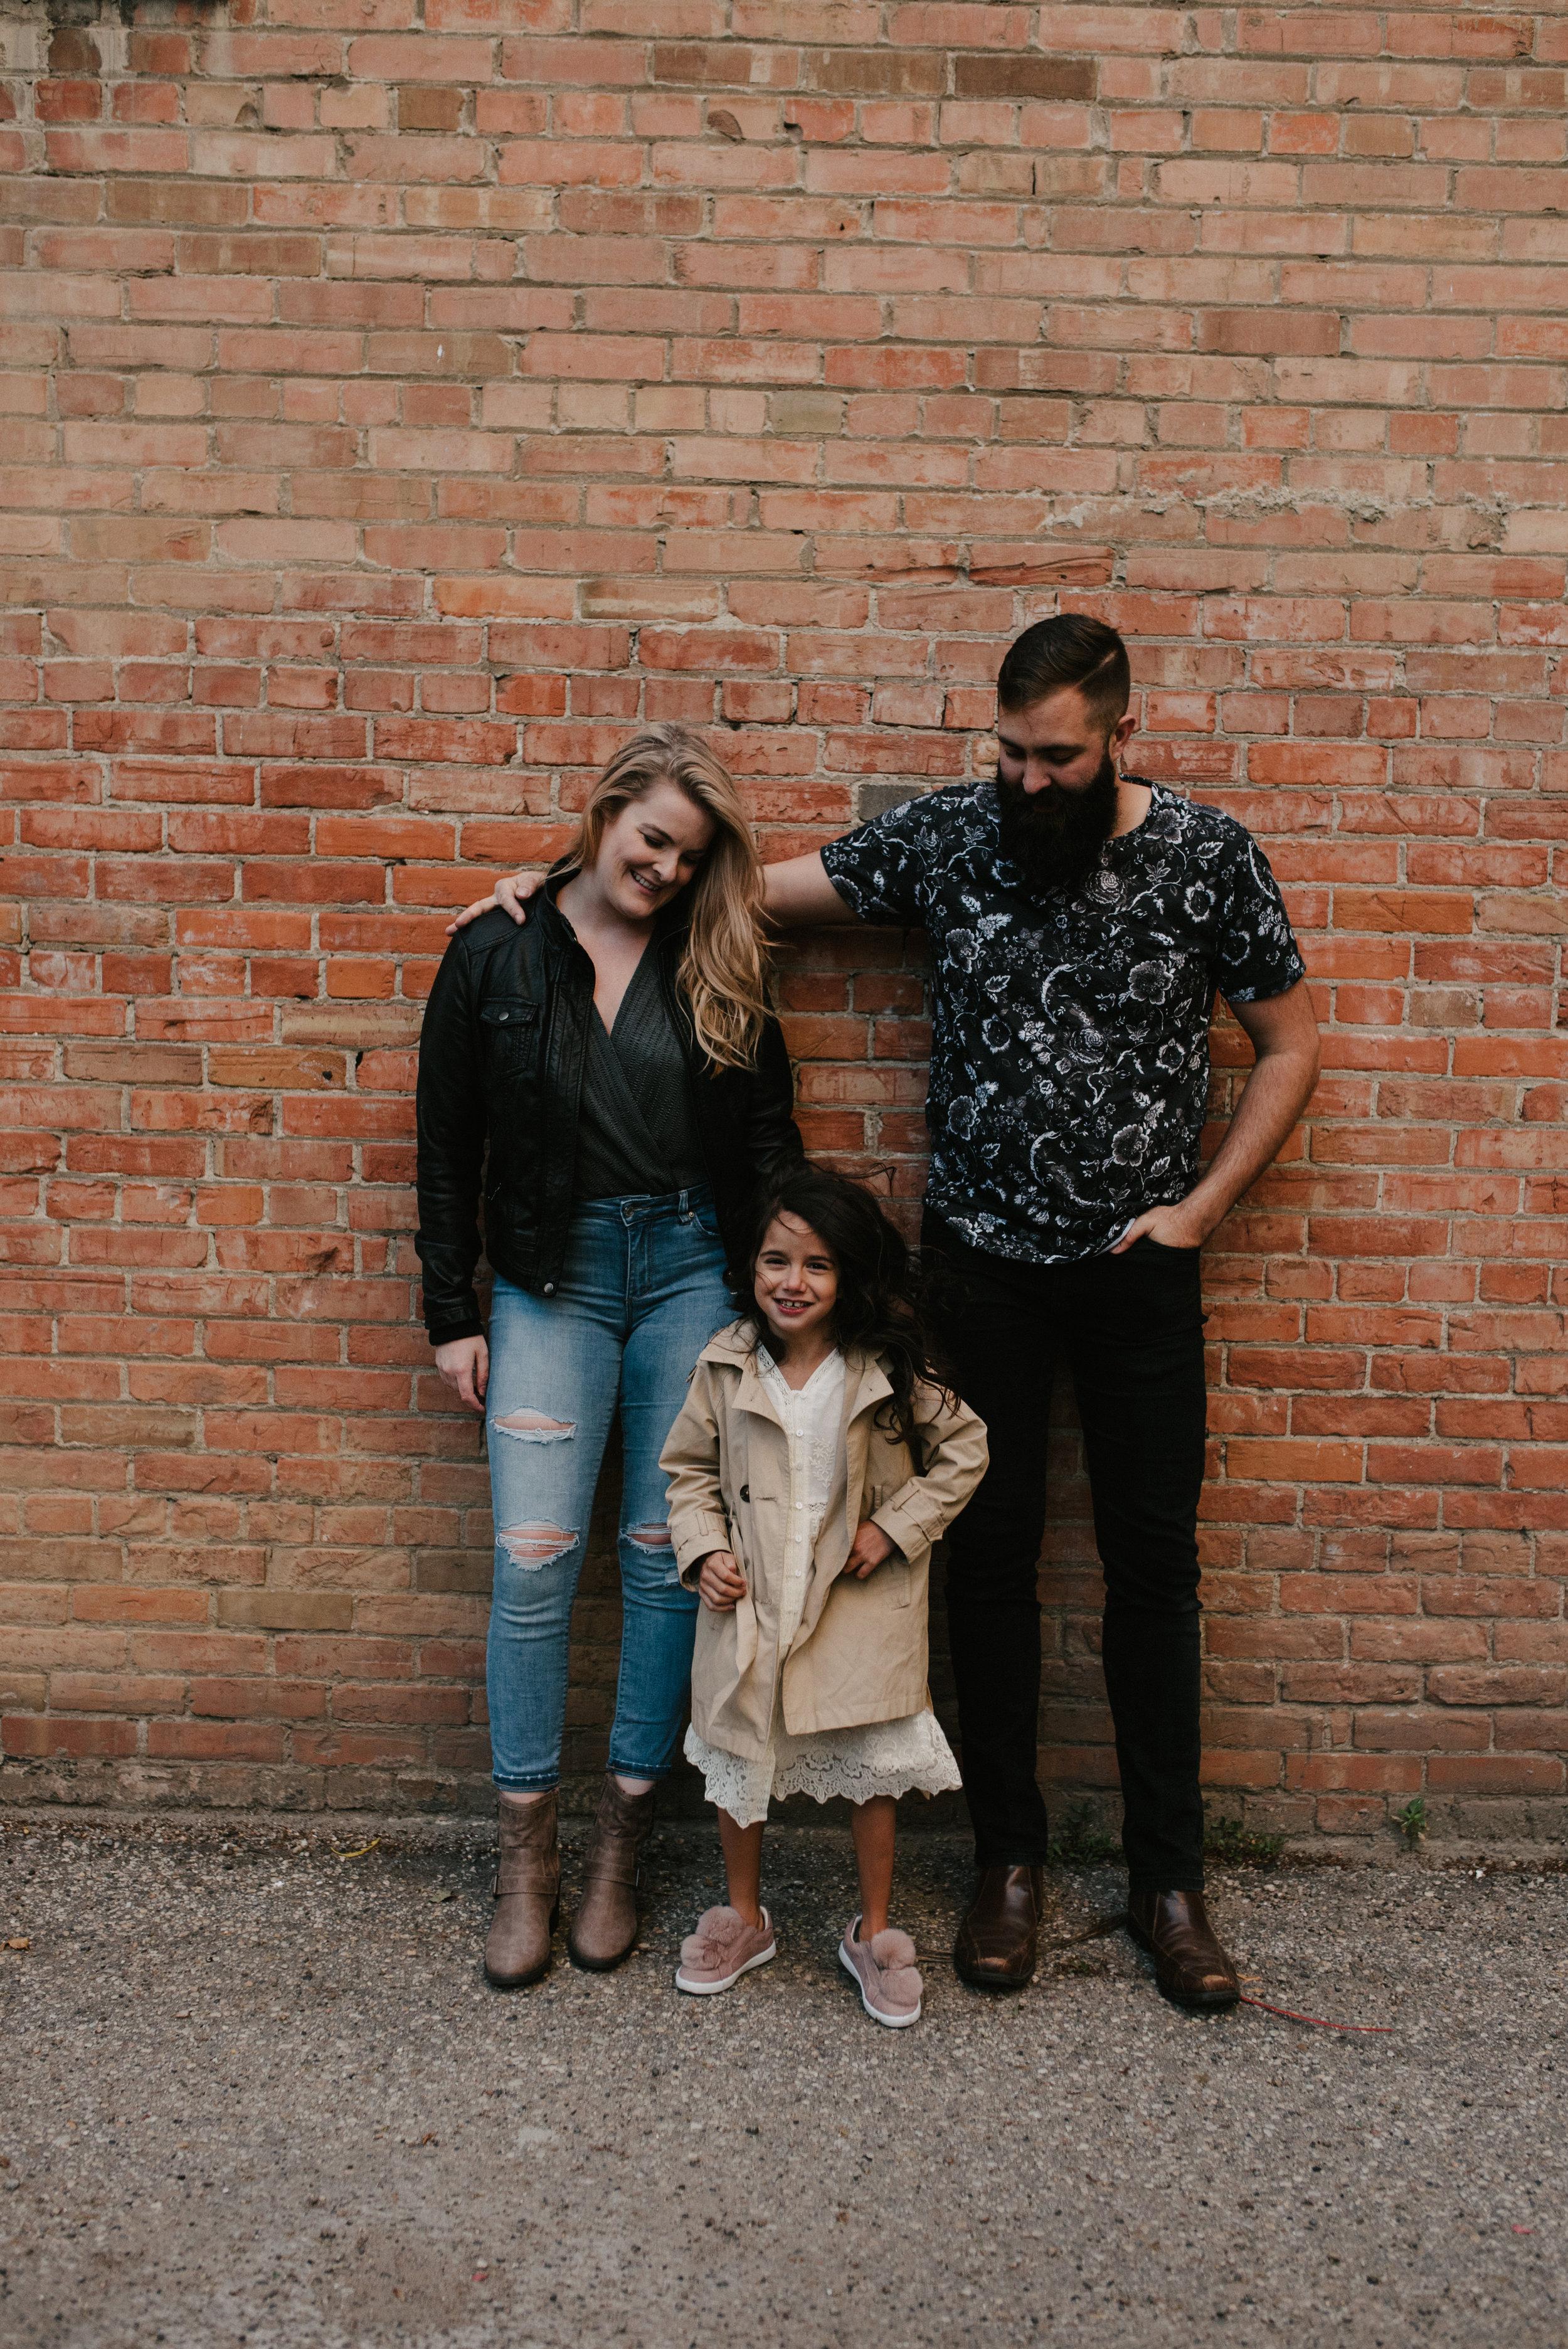 st-albert-alberta-family-photographer-2260.jpg